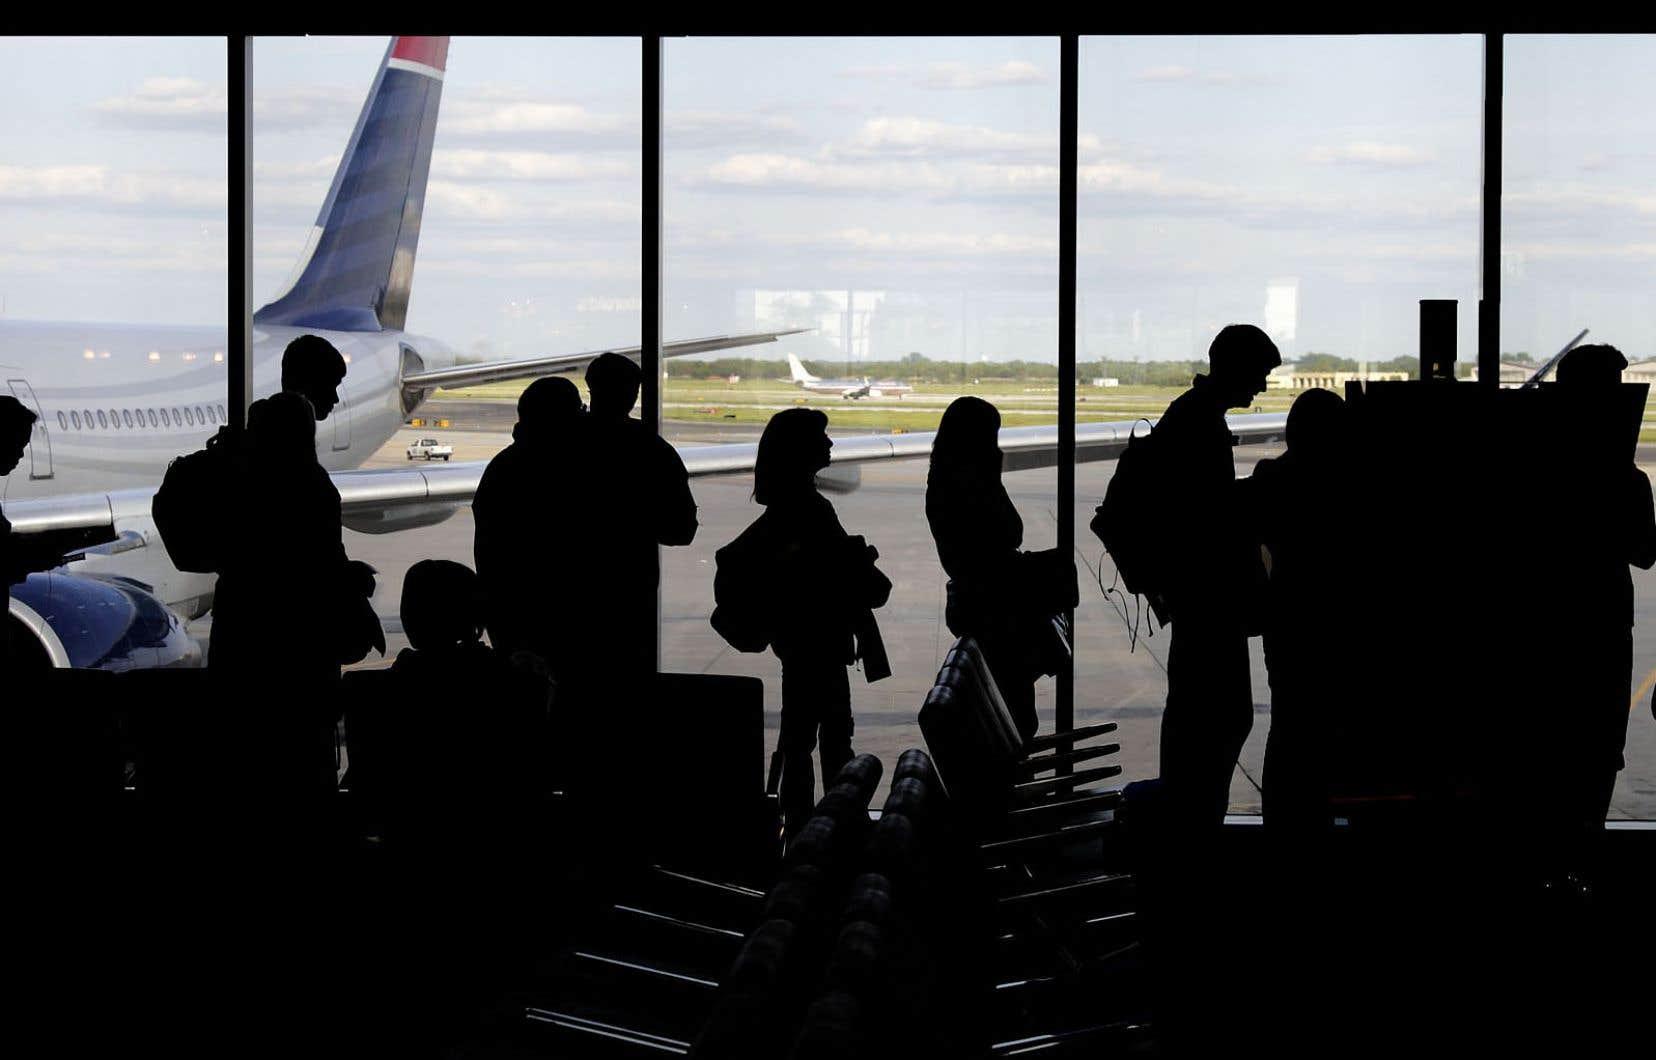 Les passagers pourront transporter en cabine des lames non rétractables de six centimètres ou moins.